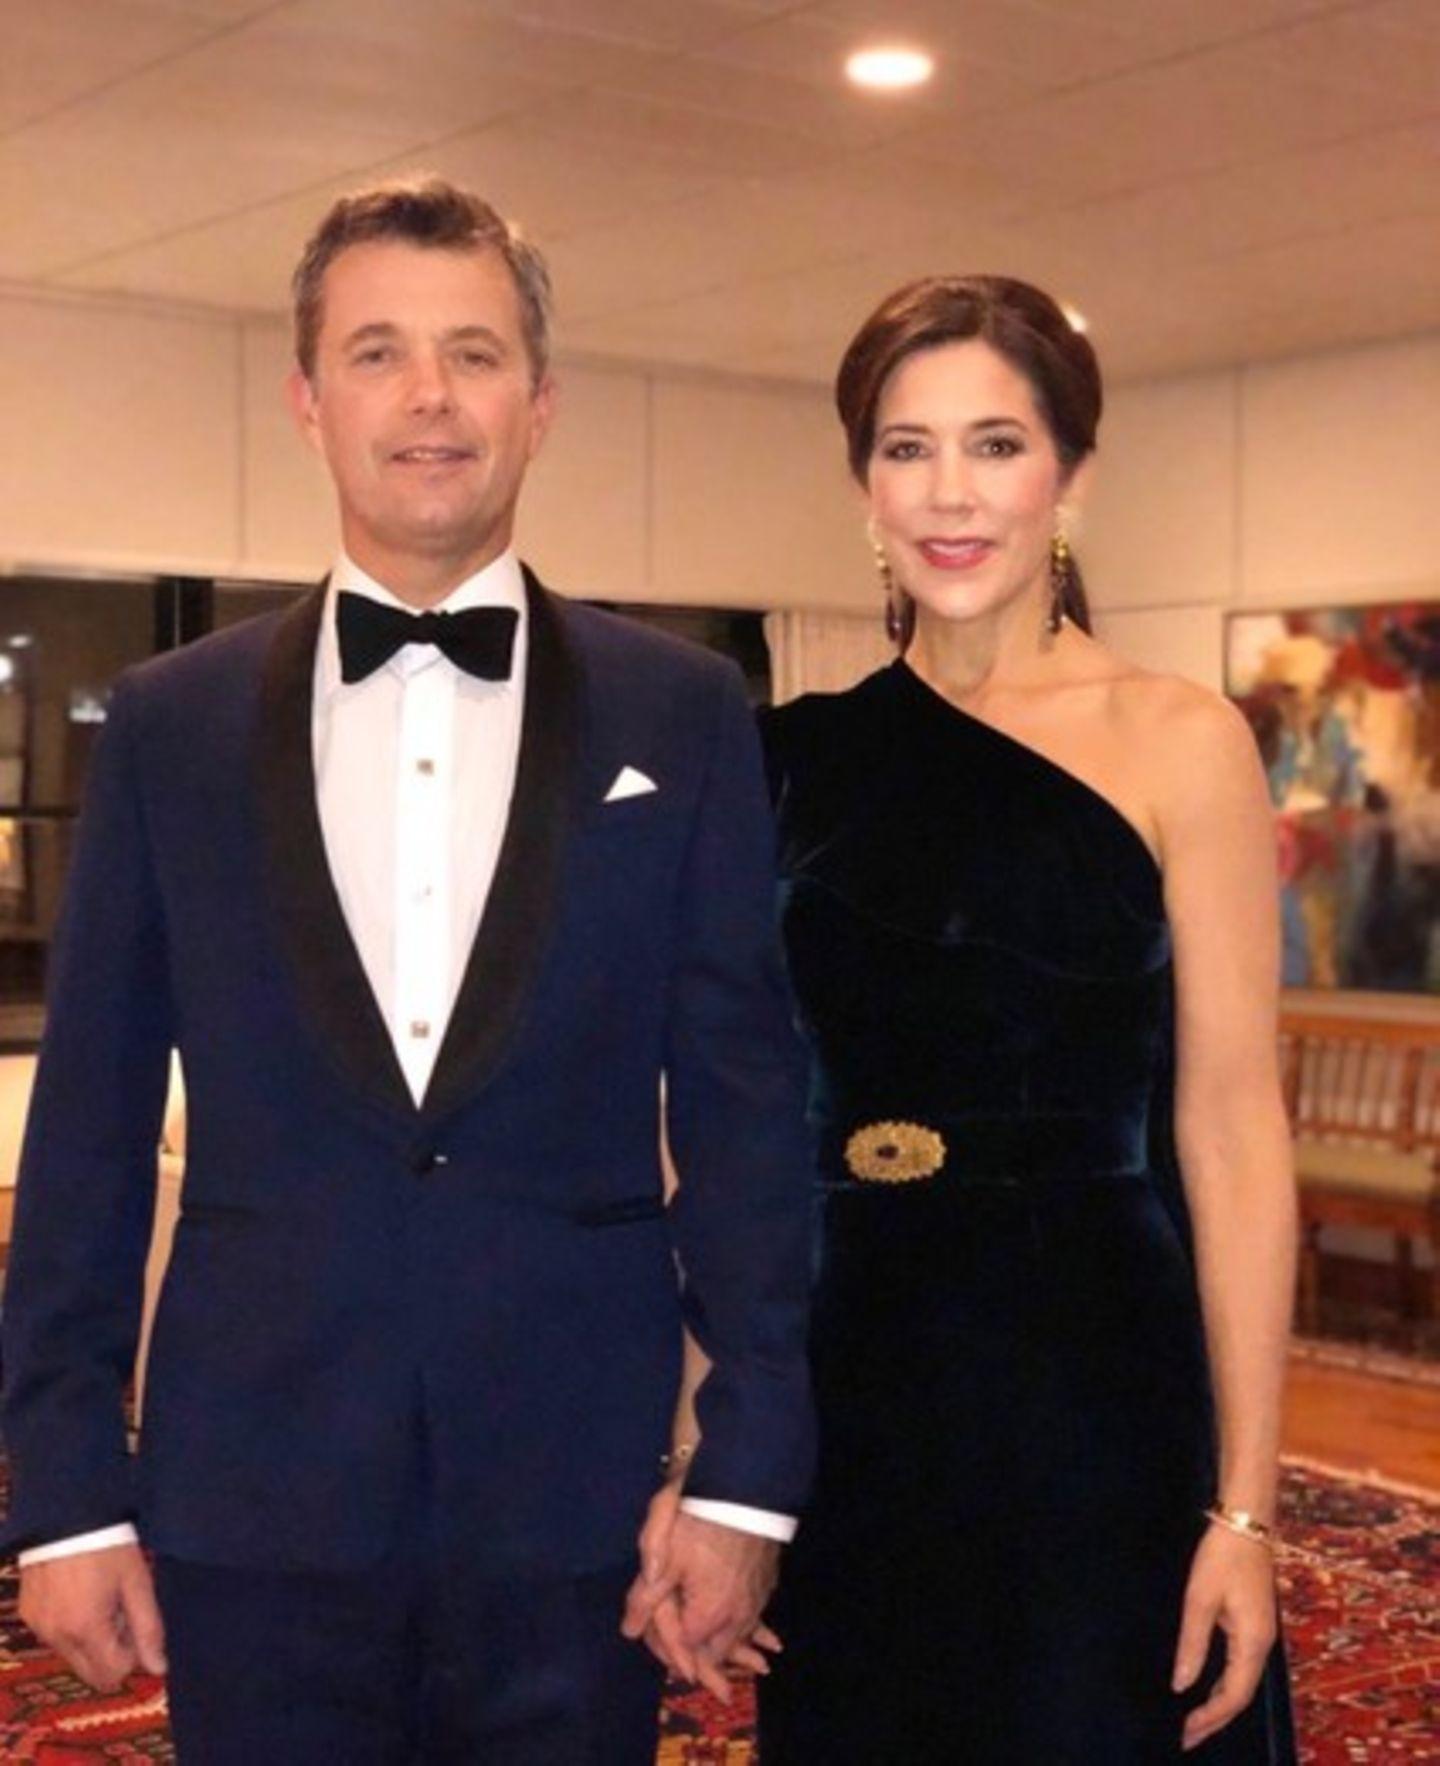 Prinz Frederik und Prinzessin Mary lassenes sich nicht nehmen, den 70. Geburtstag von Prinz Charles in London zu feiern. Für das Dinner wähltMary ein langes One-Shoulder-Abendkleid aus dunkelblauem Samt. Ihre Taille wird durch einen gleichfarbigen Gürtel mit einer goldenen Brosche betont, den Brustbereich verzieren Volants. In Sachen Schmuck setzt die dänische Kronprinzessin auf lange Ohrringe und passende Armbänder, die Haare trägt sie hochgesteckt. Prinz Frederik wählt einen klassischen Smoking, passt sich aber der Farbwahl seiner Ehefrau an. Das royale Paar gibt sich zu diesem Anlass überraschend privat - Händchen haltend strahlen sie in die Kamera.